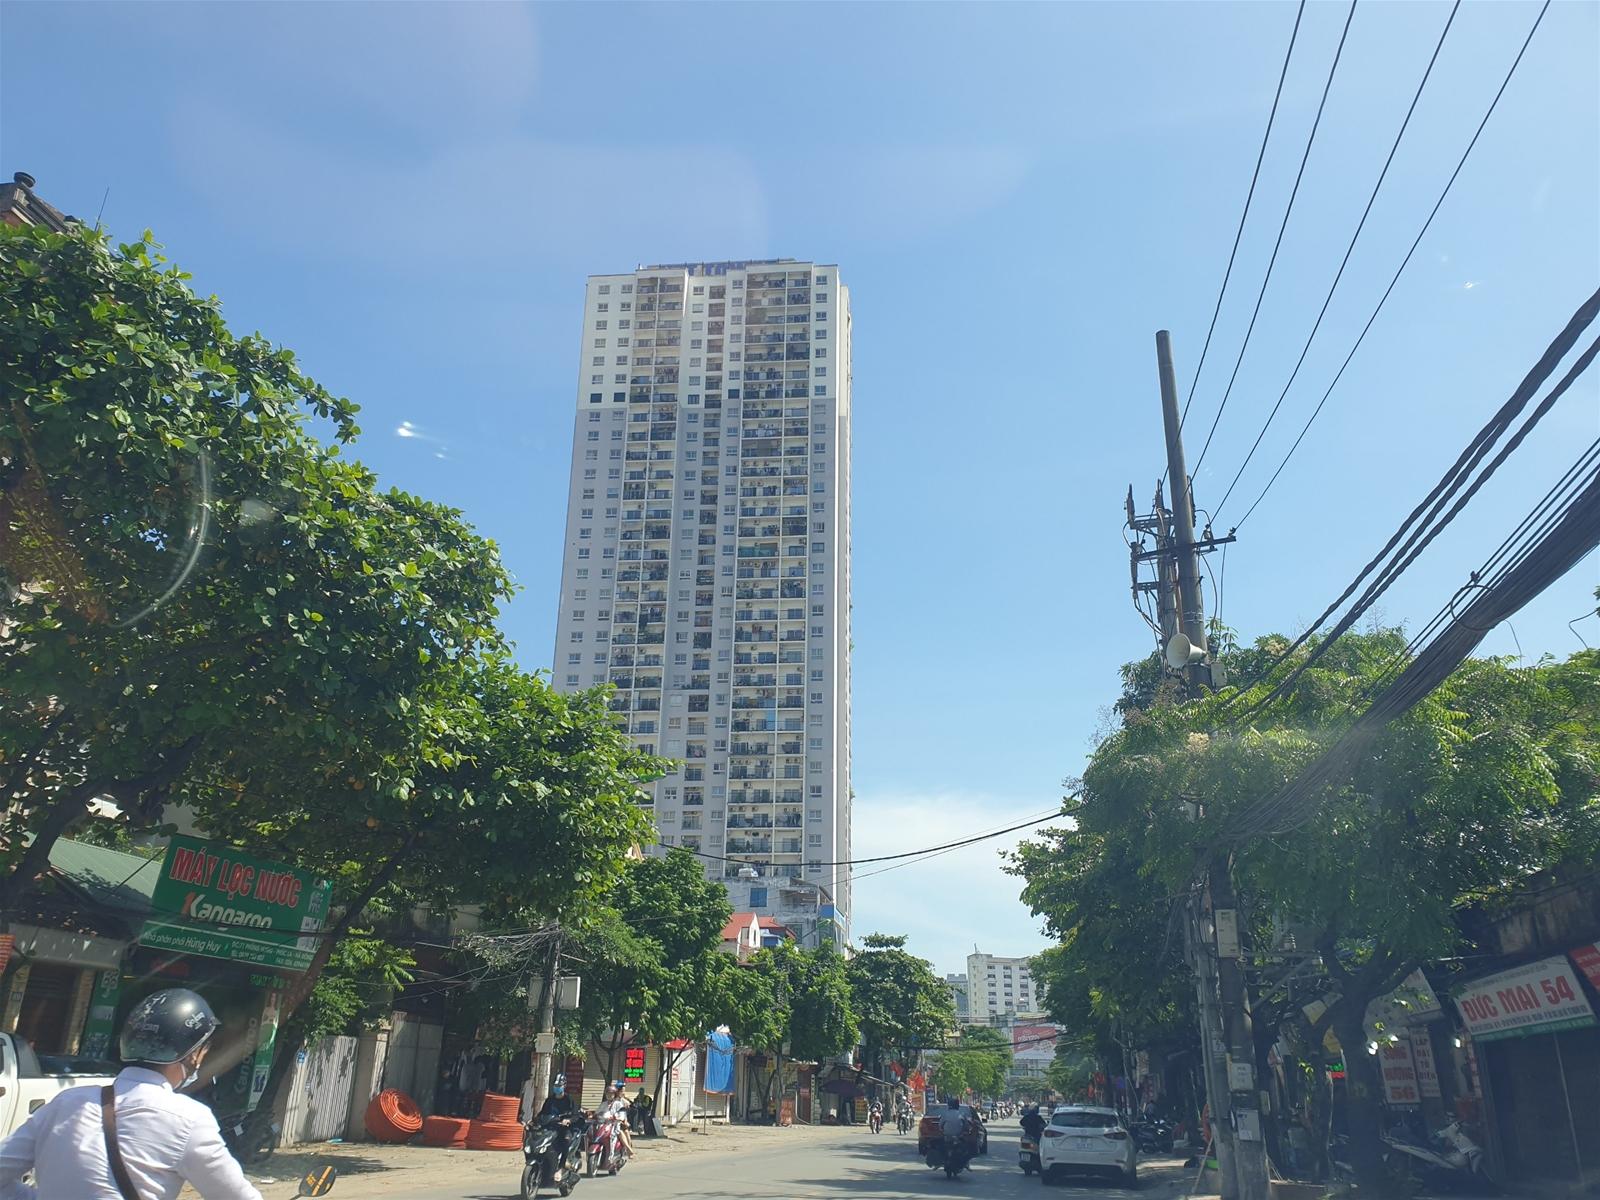 Hà Đông: Vi phạm PCCC nghiêm trọng, CĐT Chung cư 89 Phùng Hưng 'đem con bỏ chợ'?